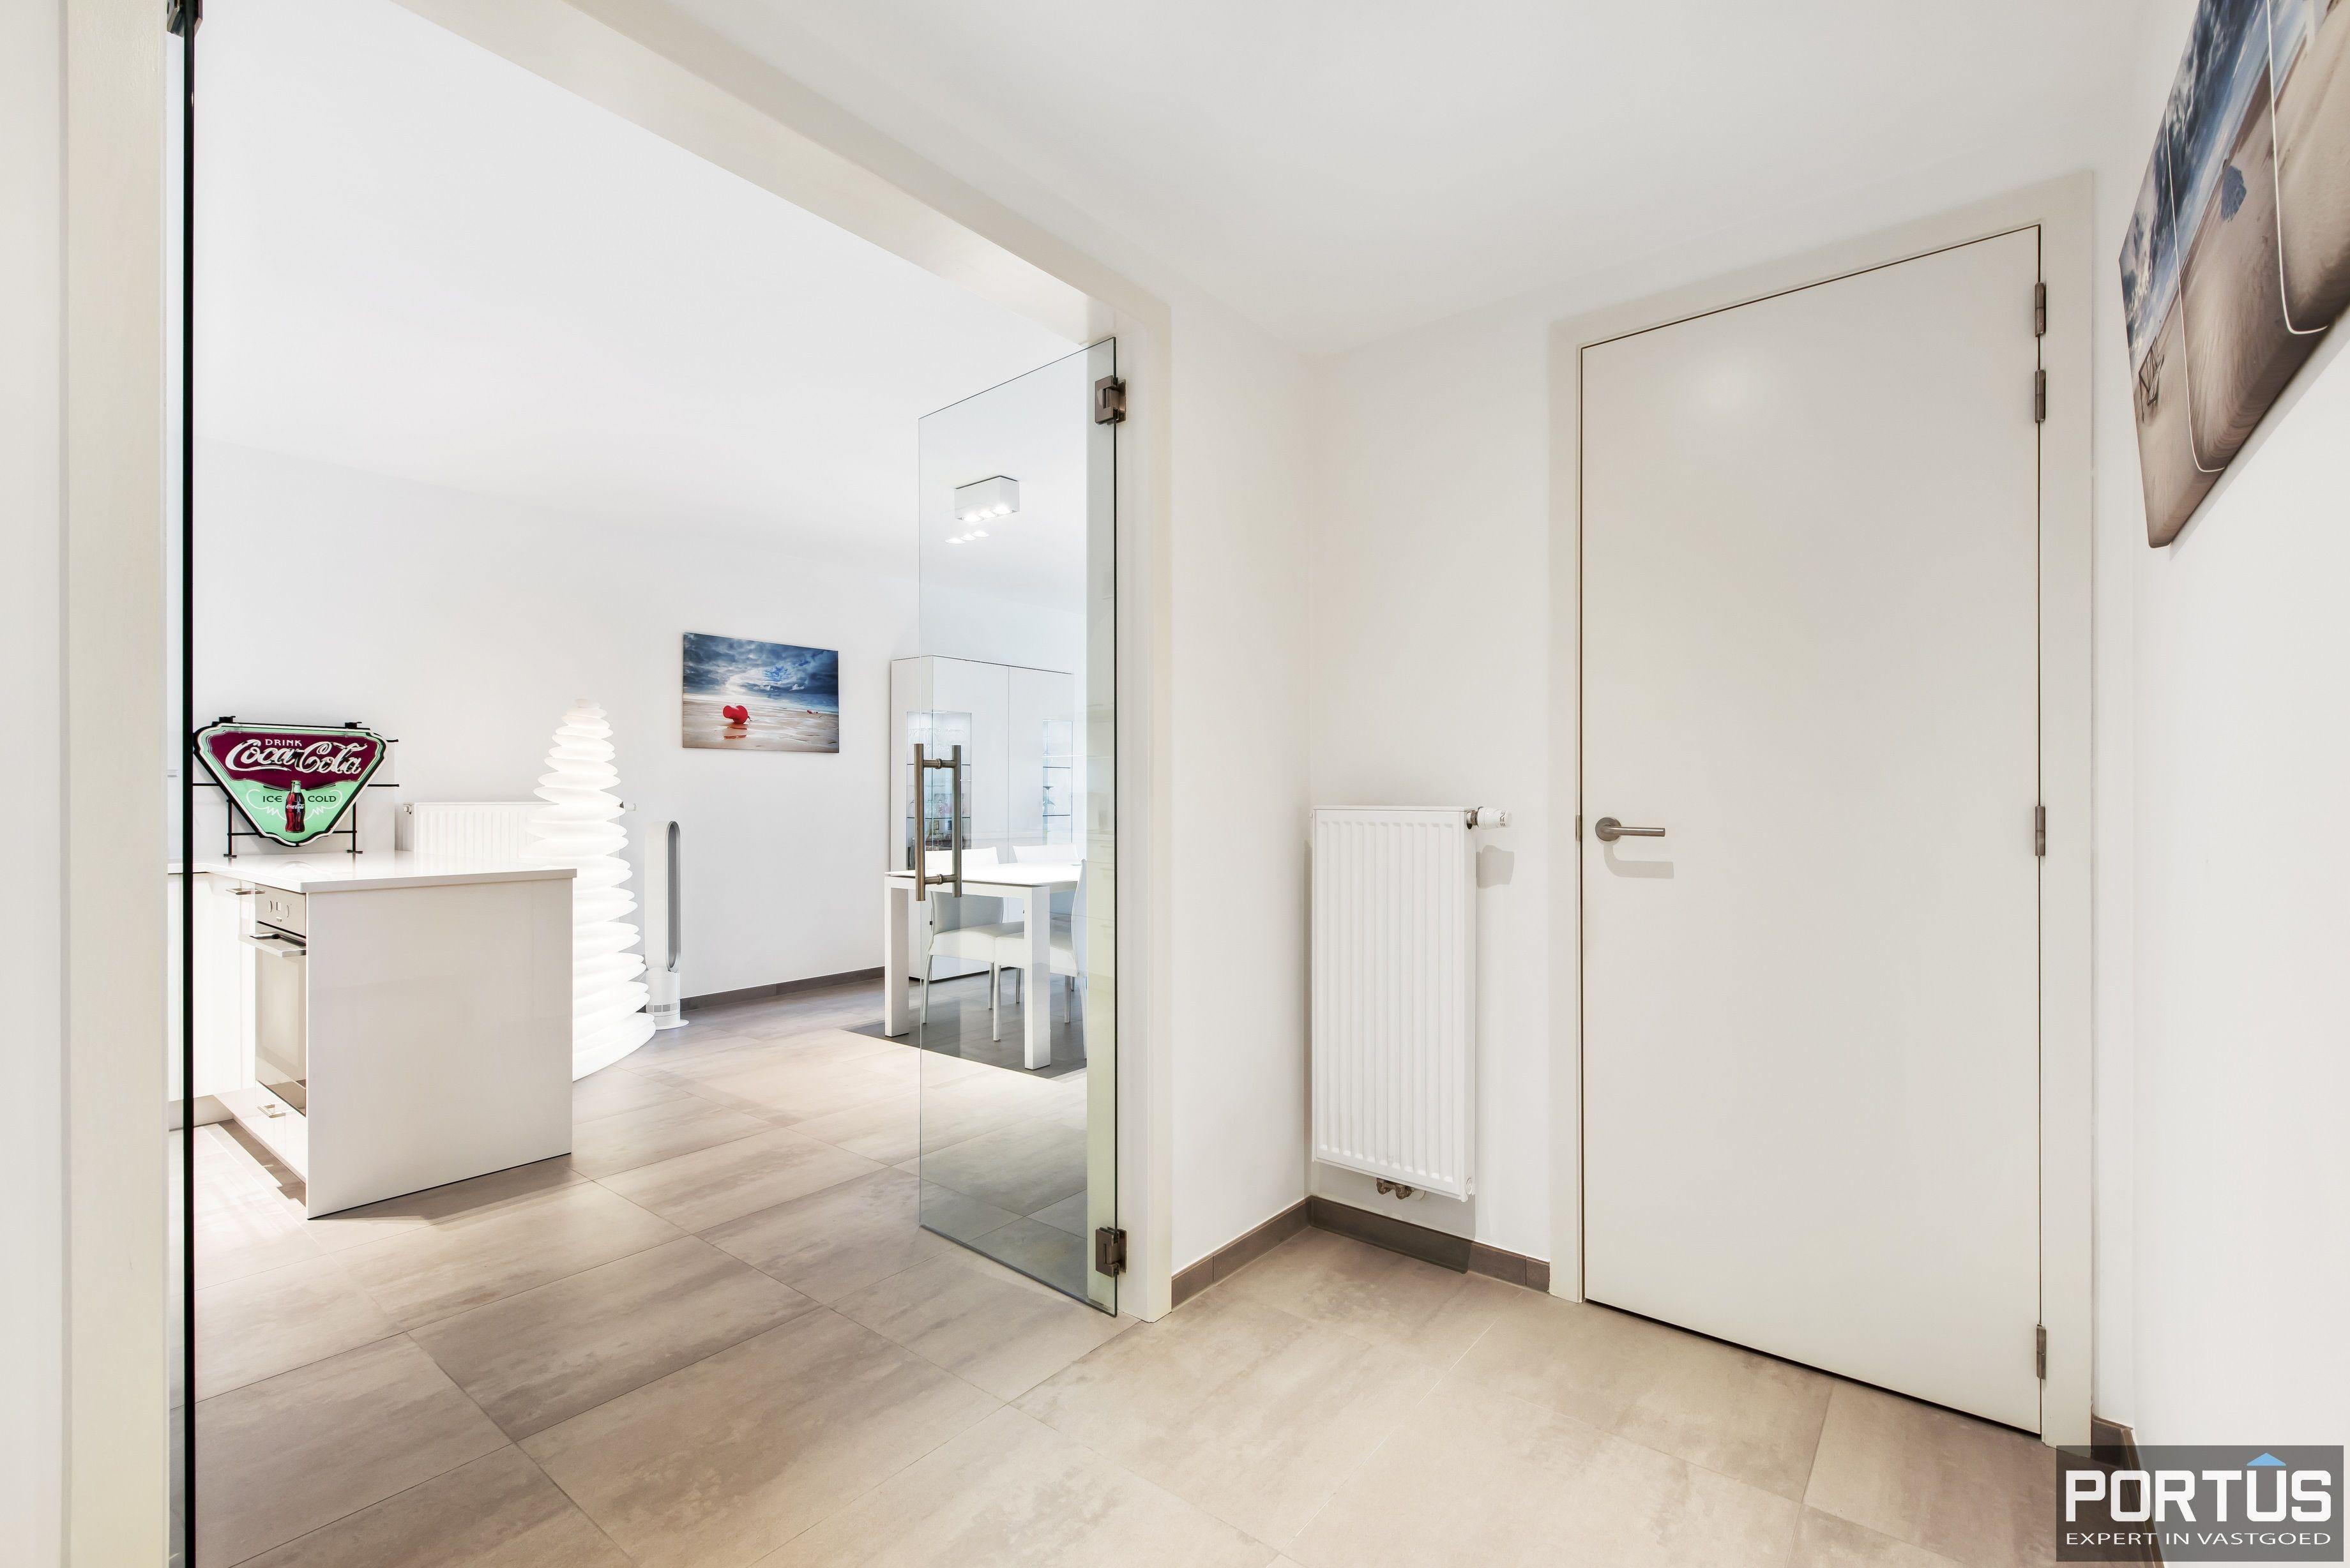 Instapklaar recent appartement te koop te Nieuwpoort - 9821